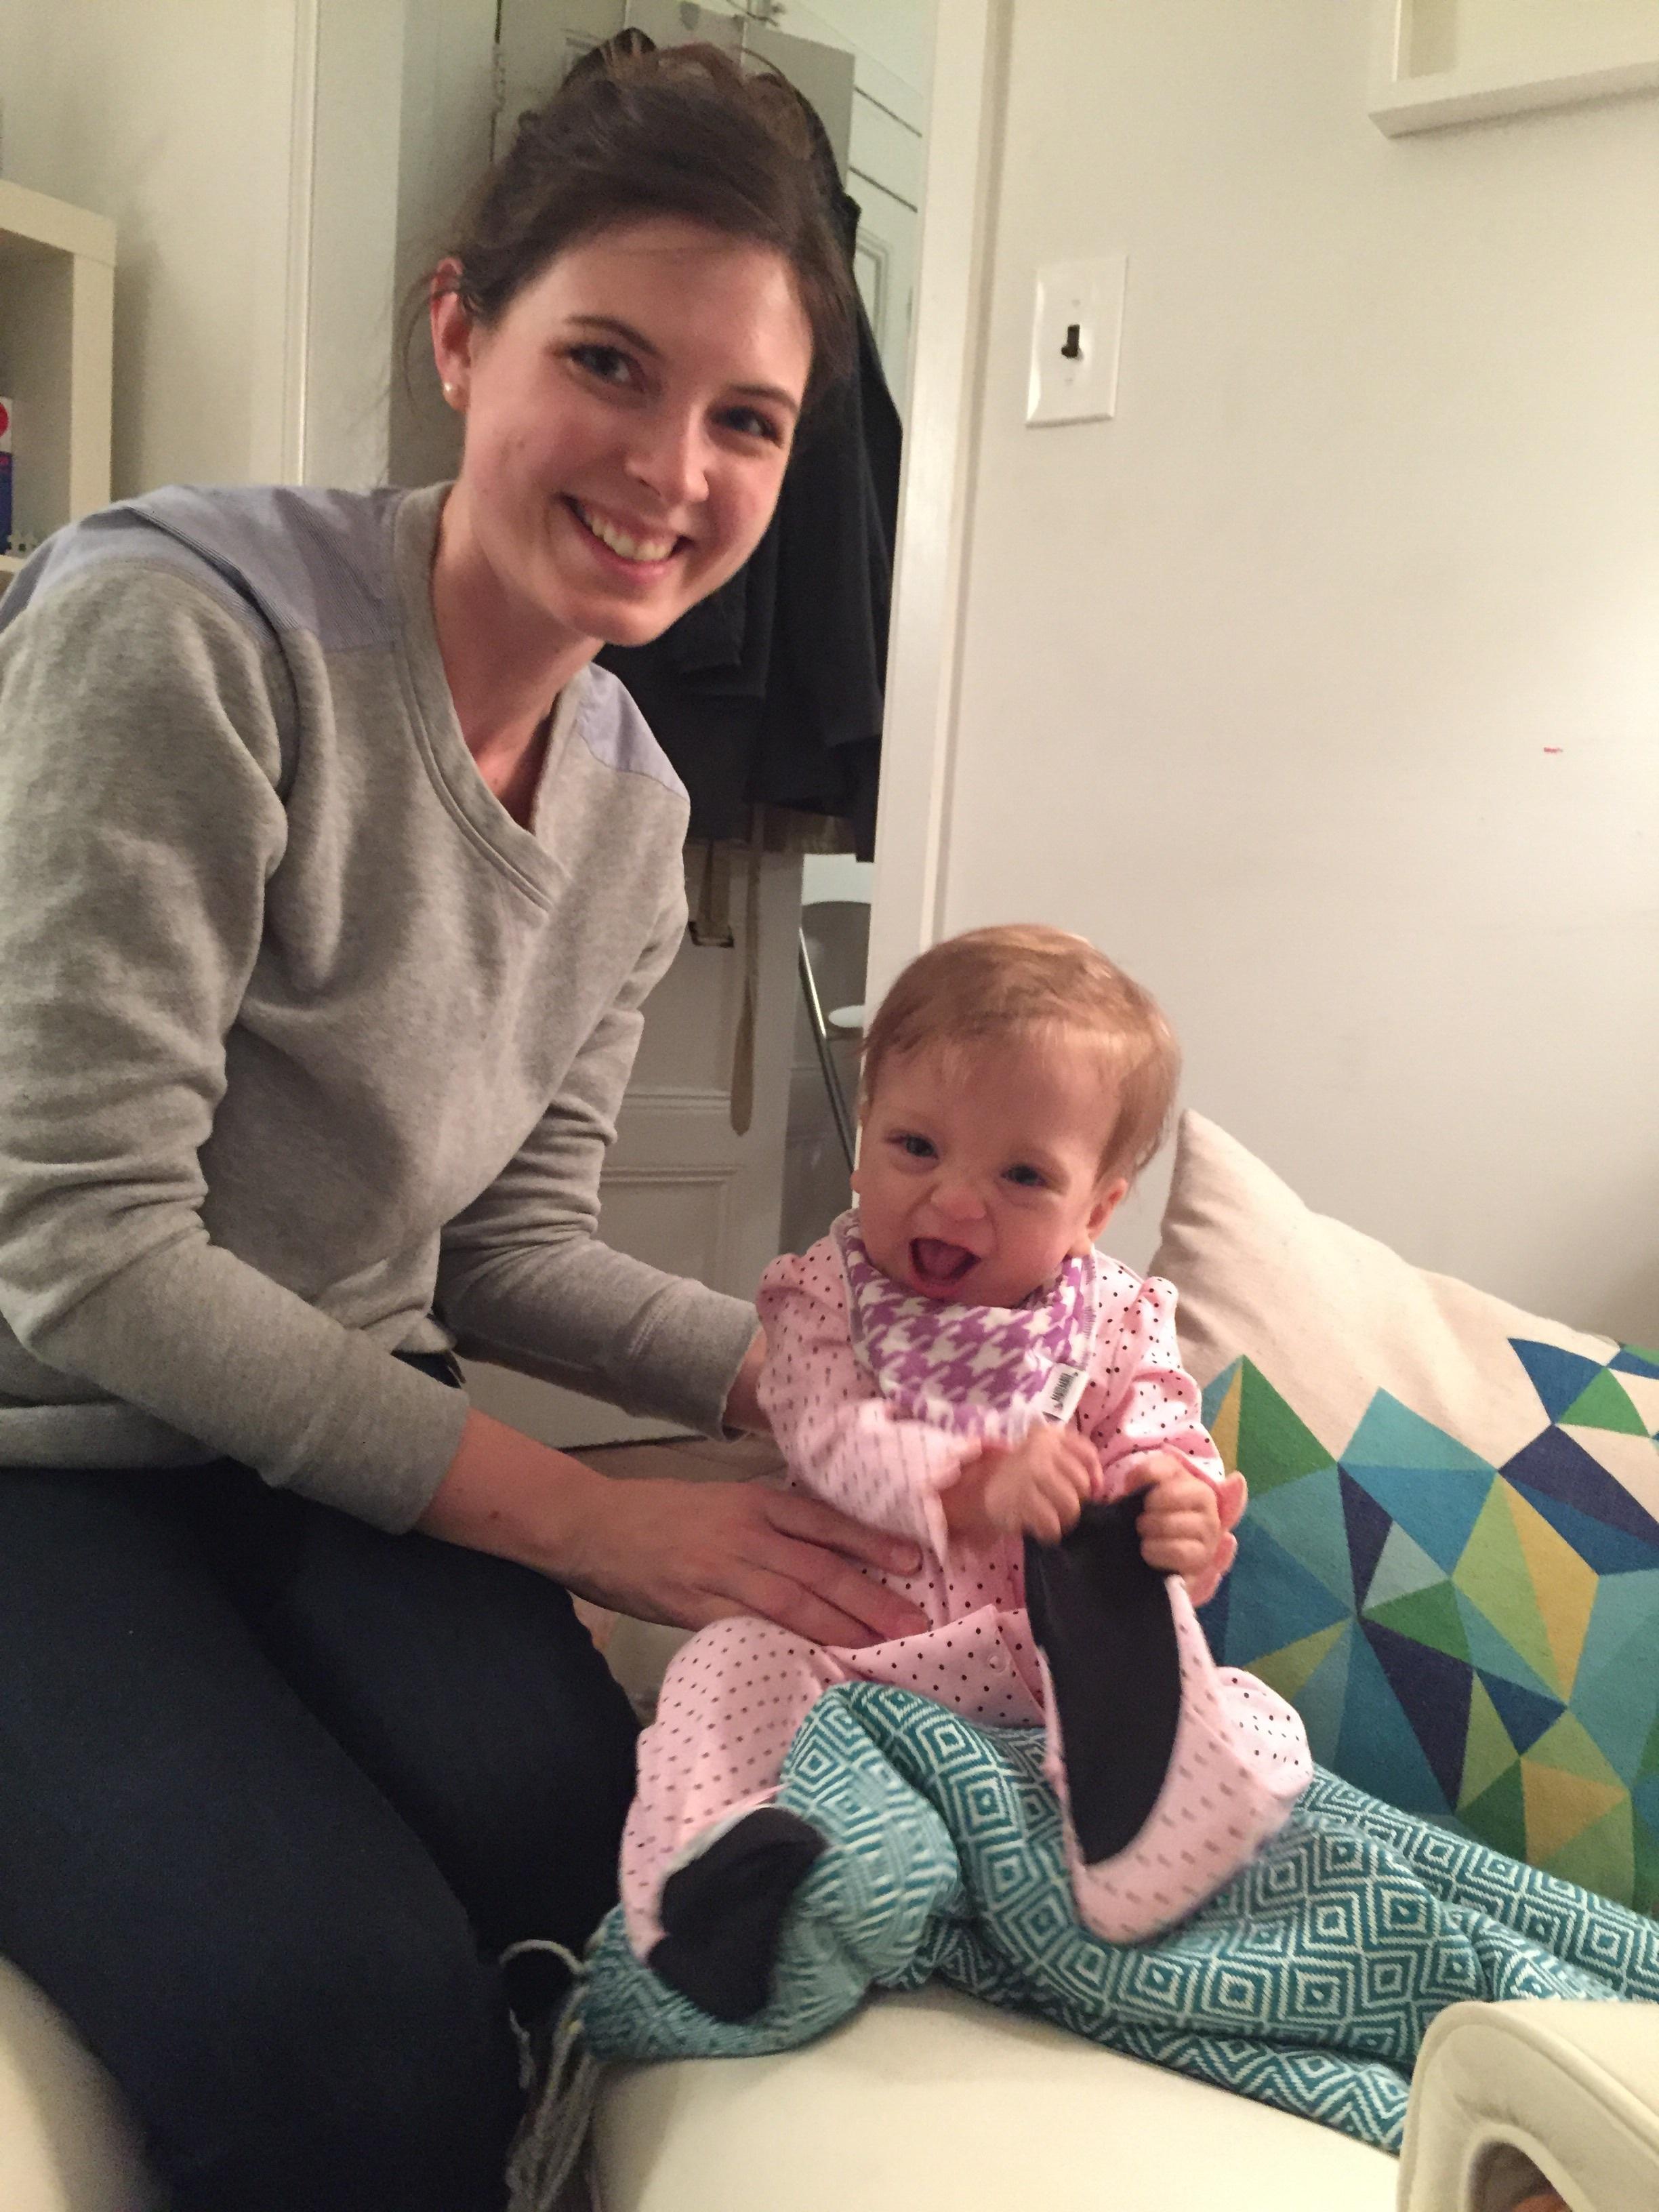 Showing off her ballerina booties to Aunt Katie